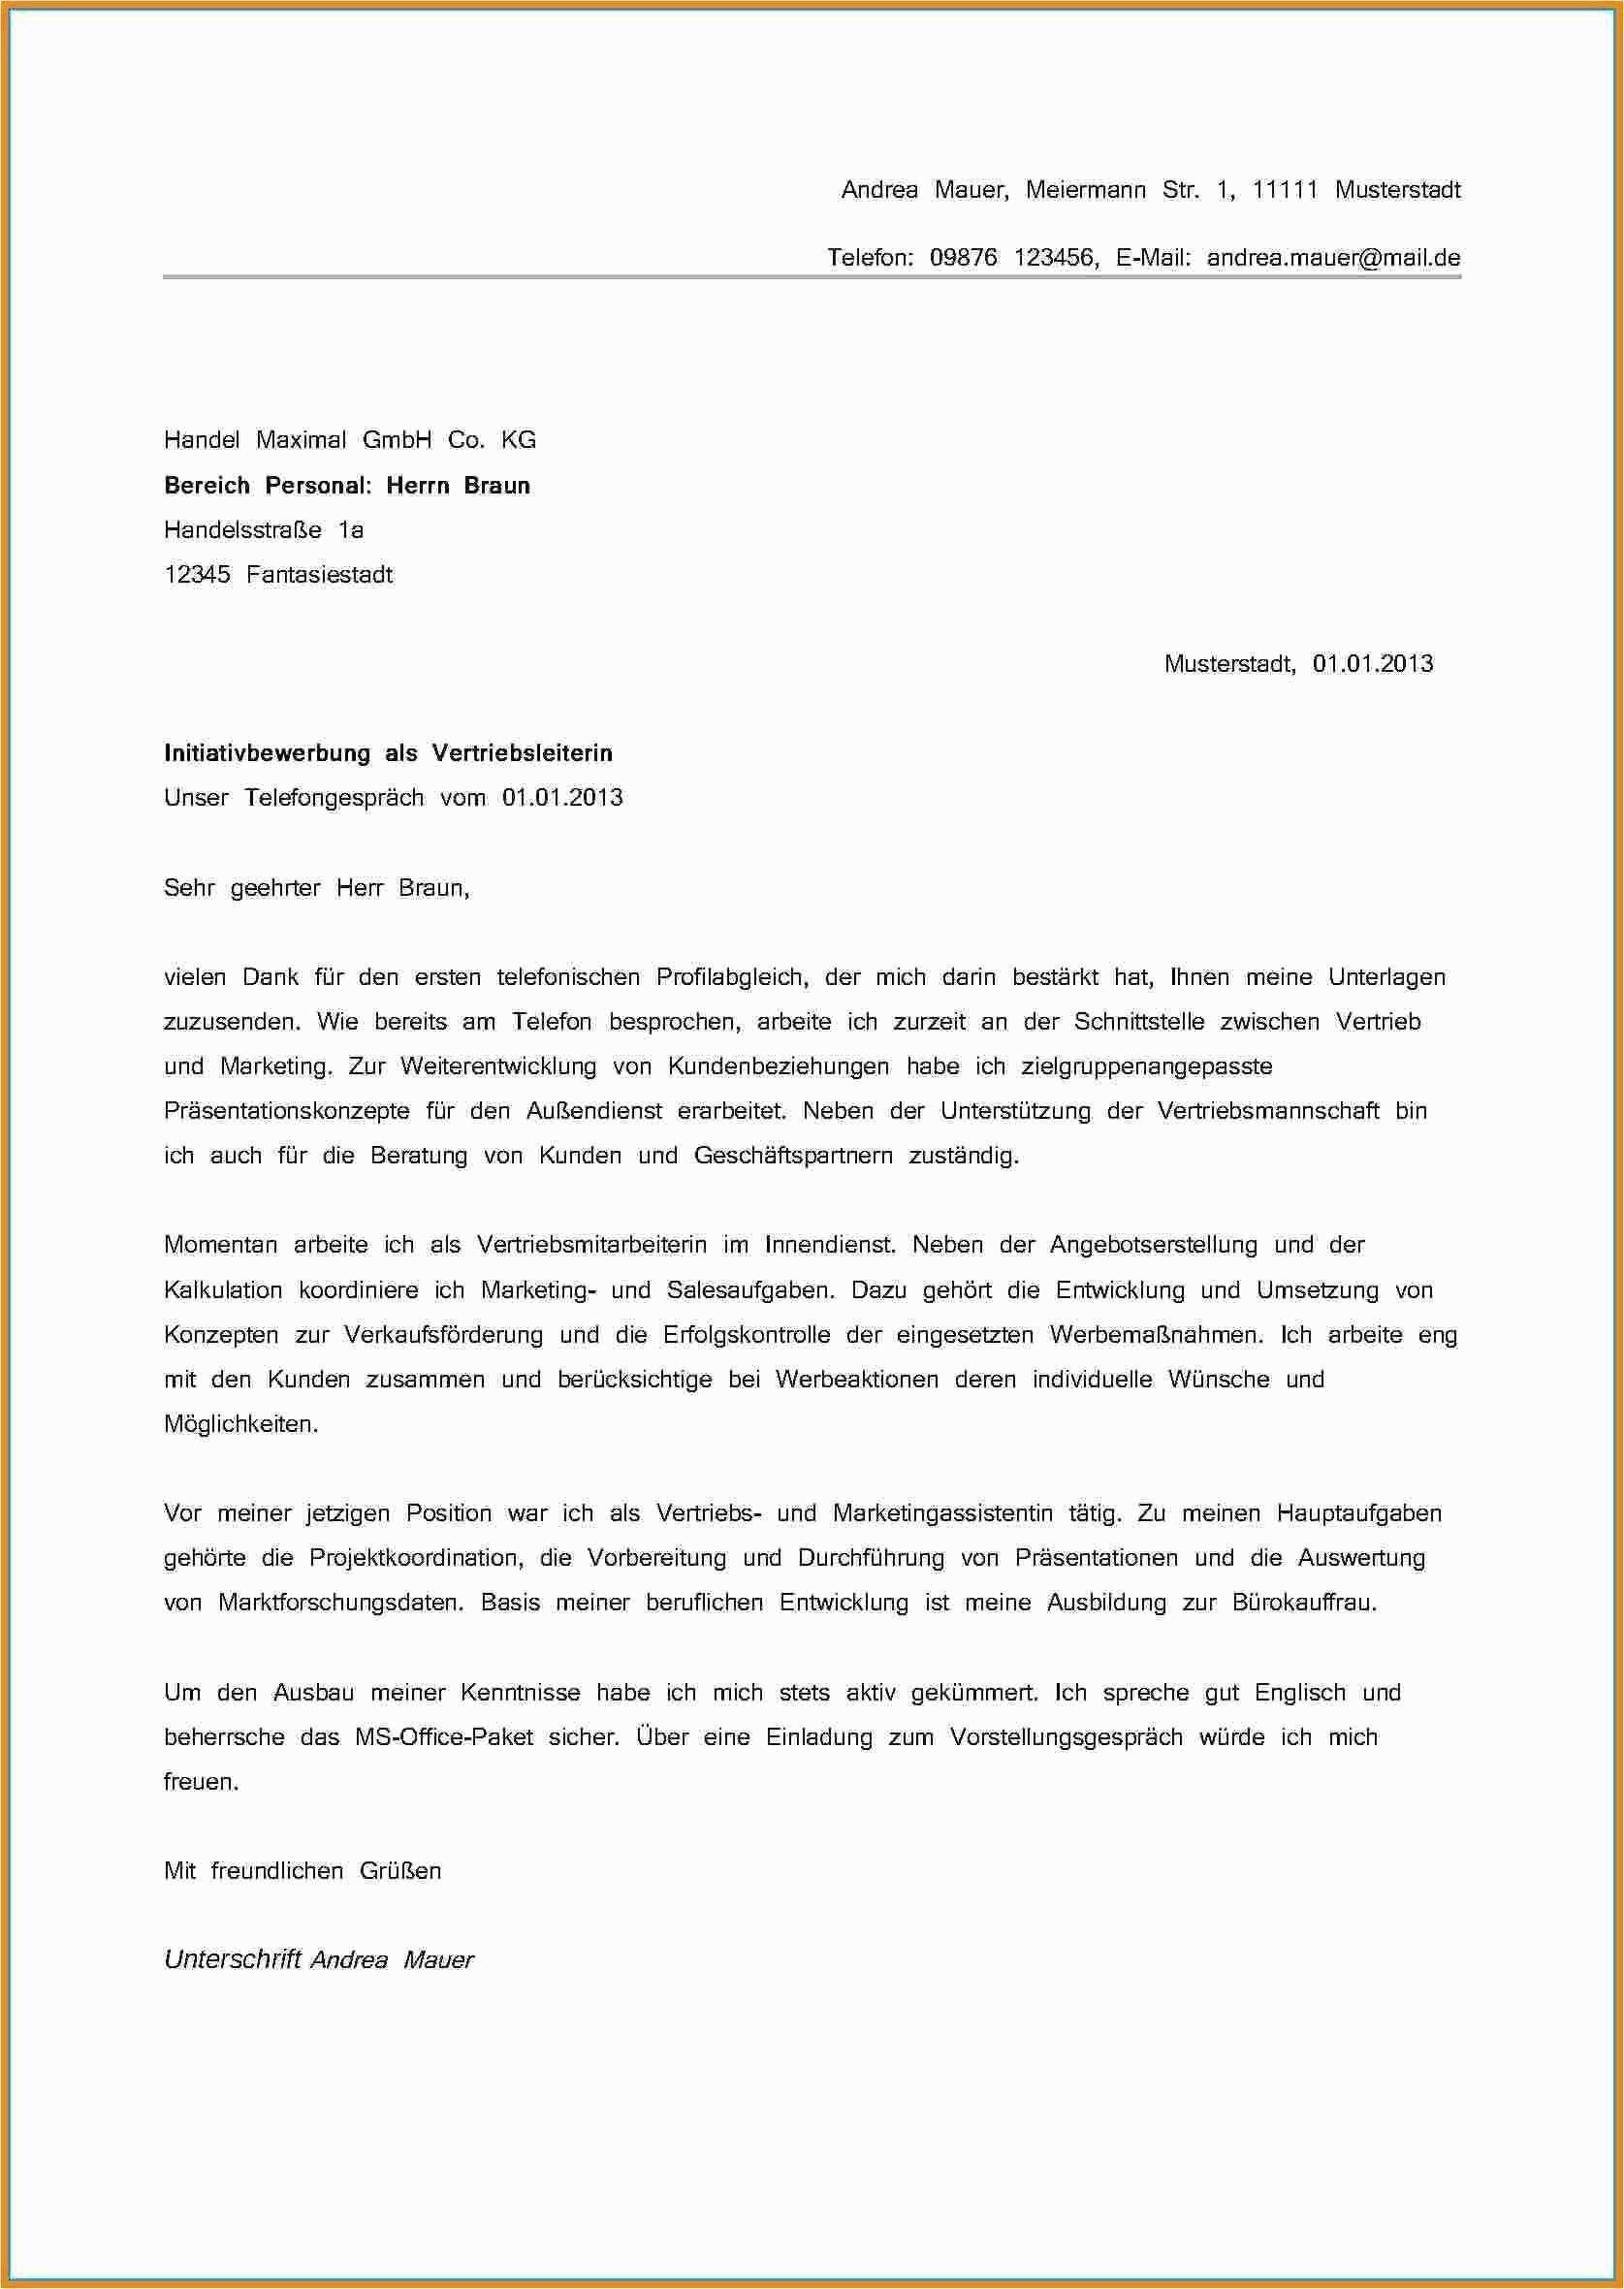 Primar Abstellgenehmigung Spedition Vorlage Resume Template Free Resume Template Document Templates